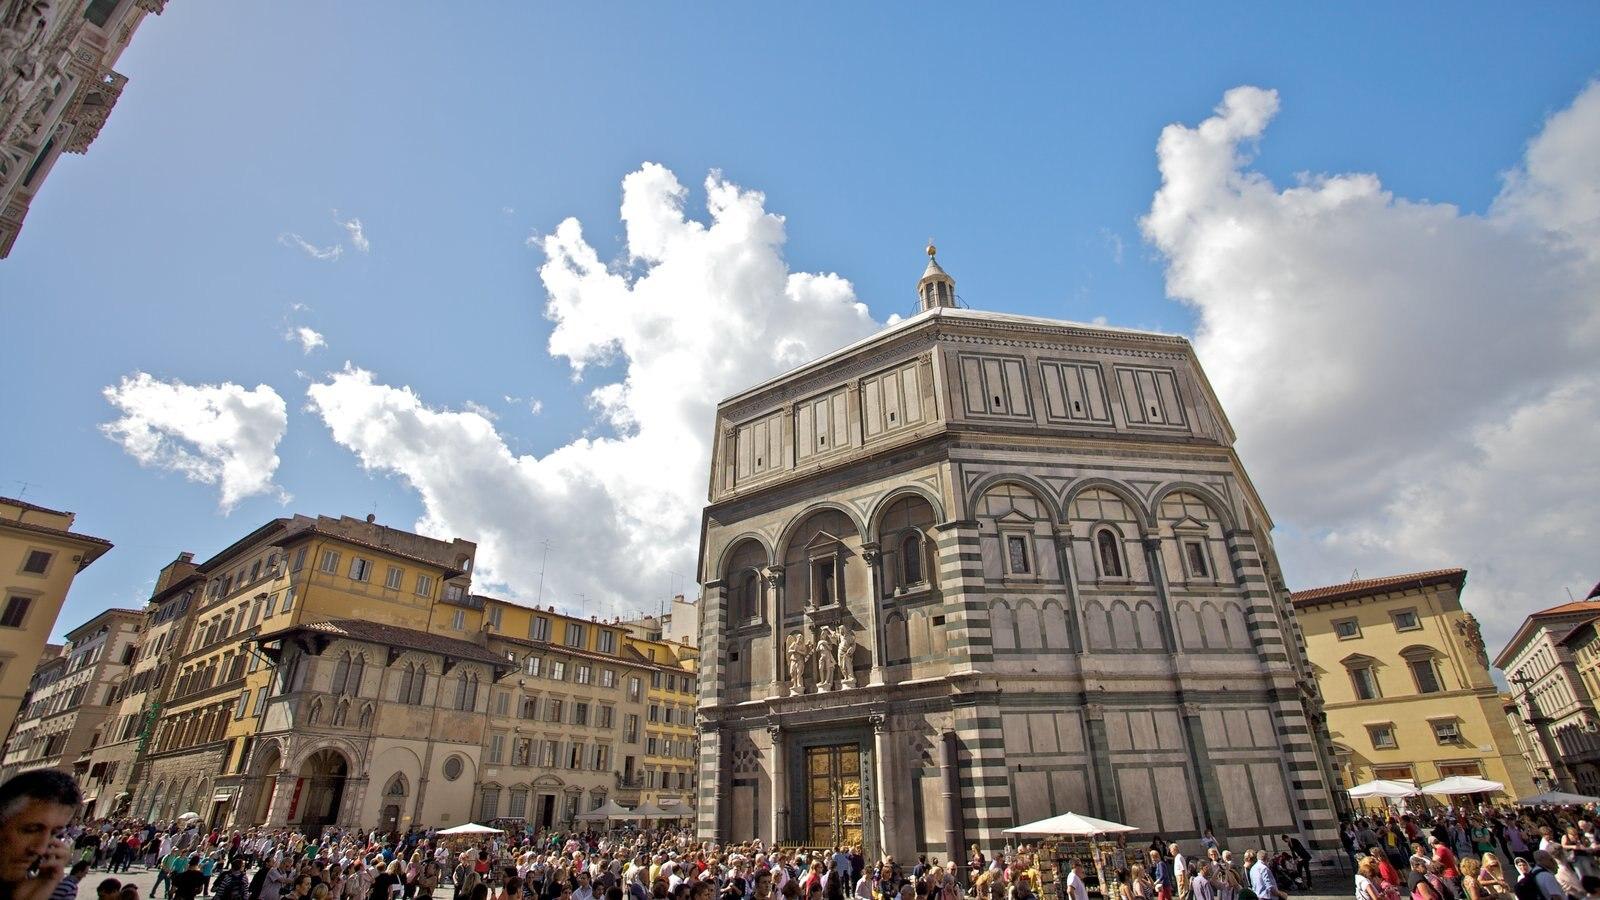 Catedral de Santa Maria del Fiore caracterizando uma praça ou plaza, uma igreja ou catedral e arquitetura de patrimônio